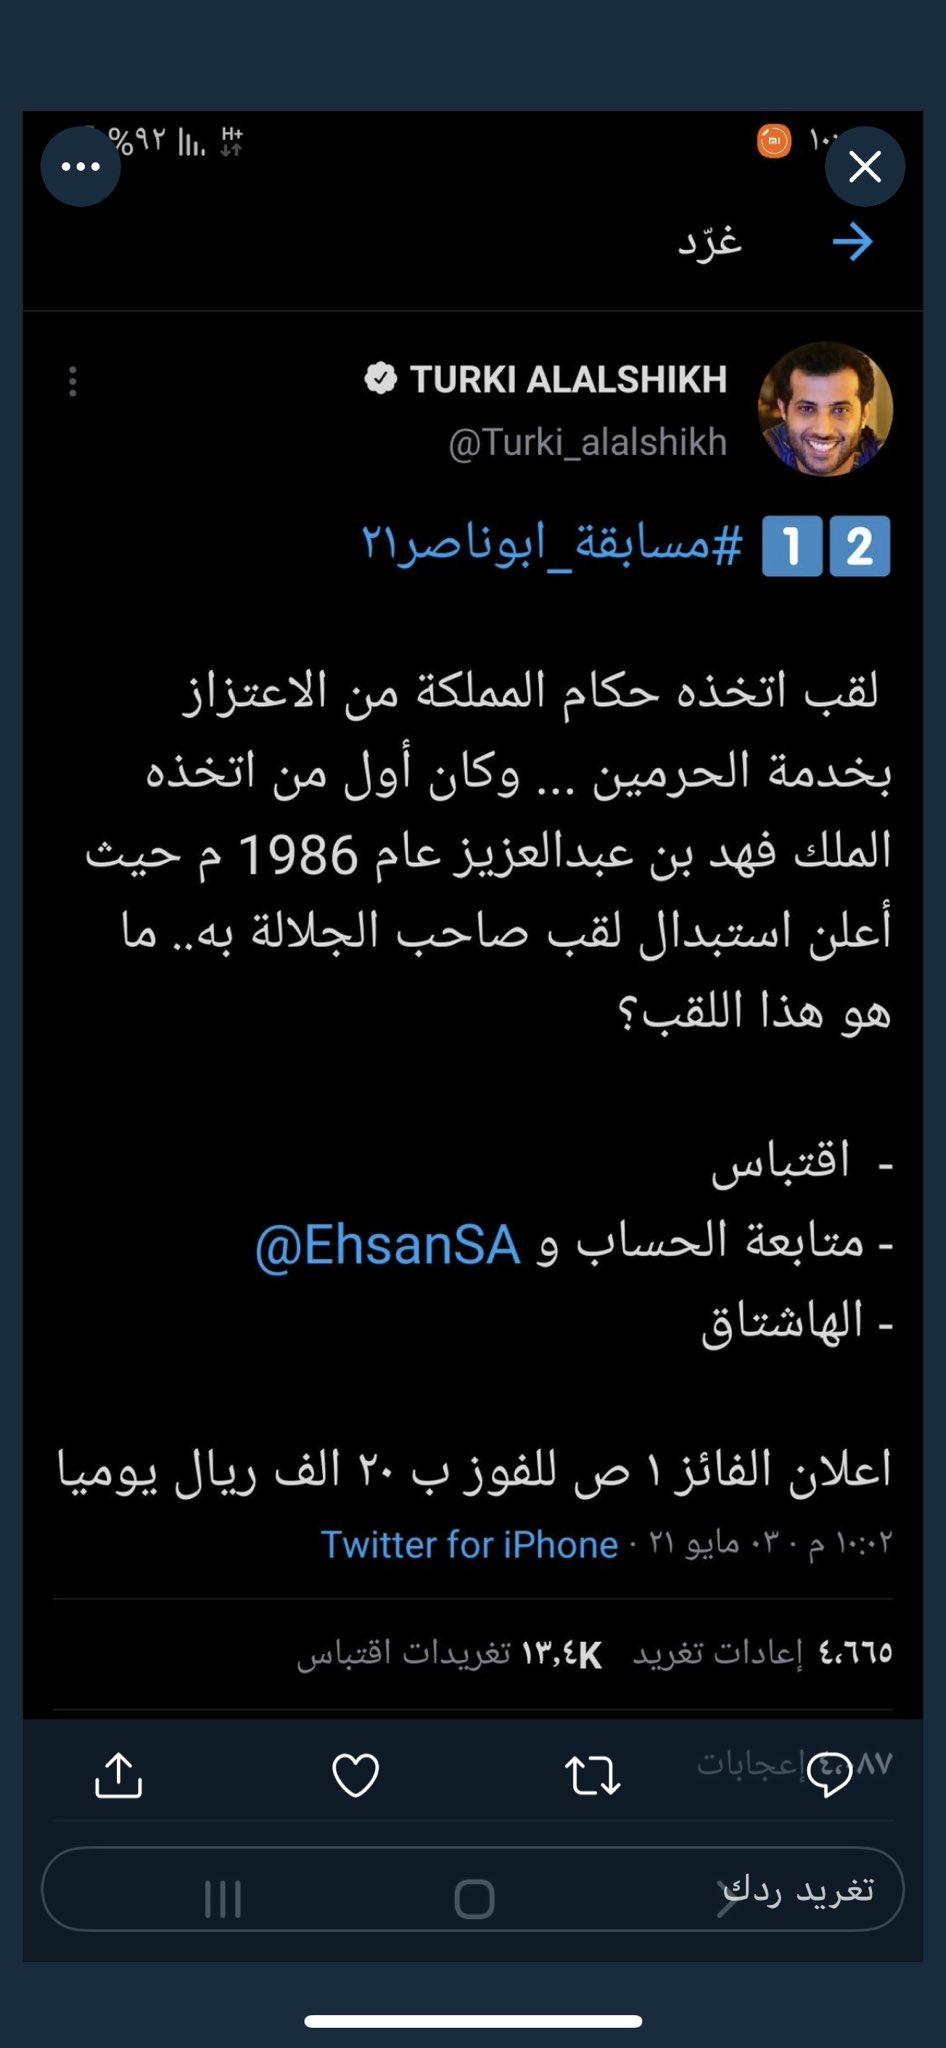 خادم الحرمين الشريفين Photo,خادم الحرمين الشريفين Twitter Trend : Most Popular Tweets